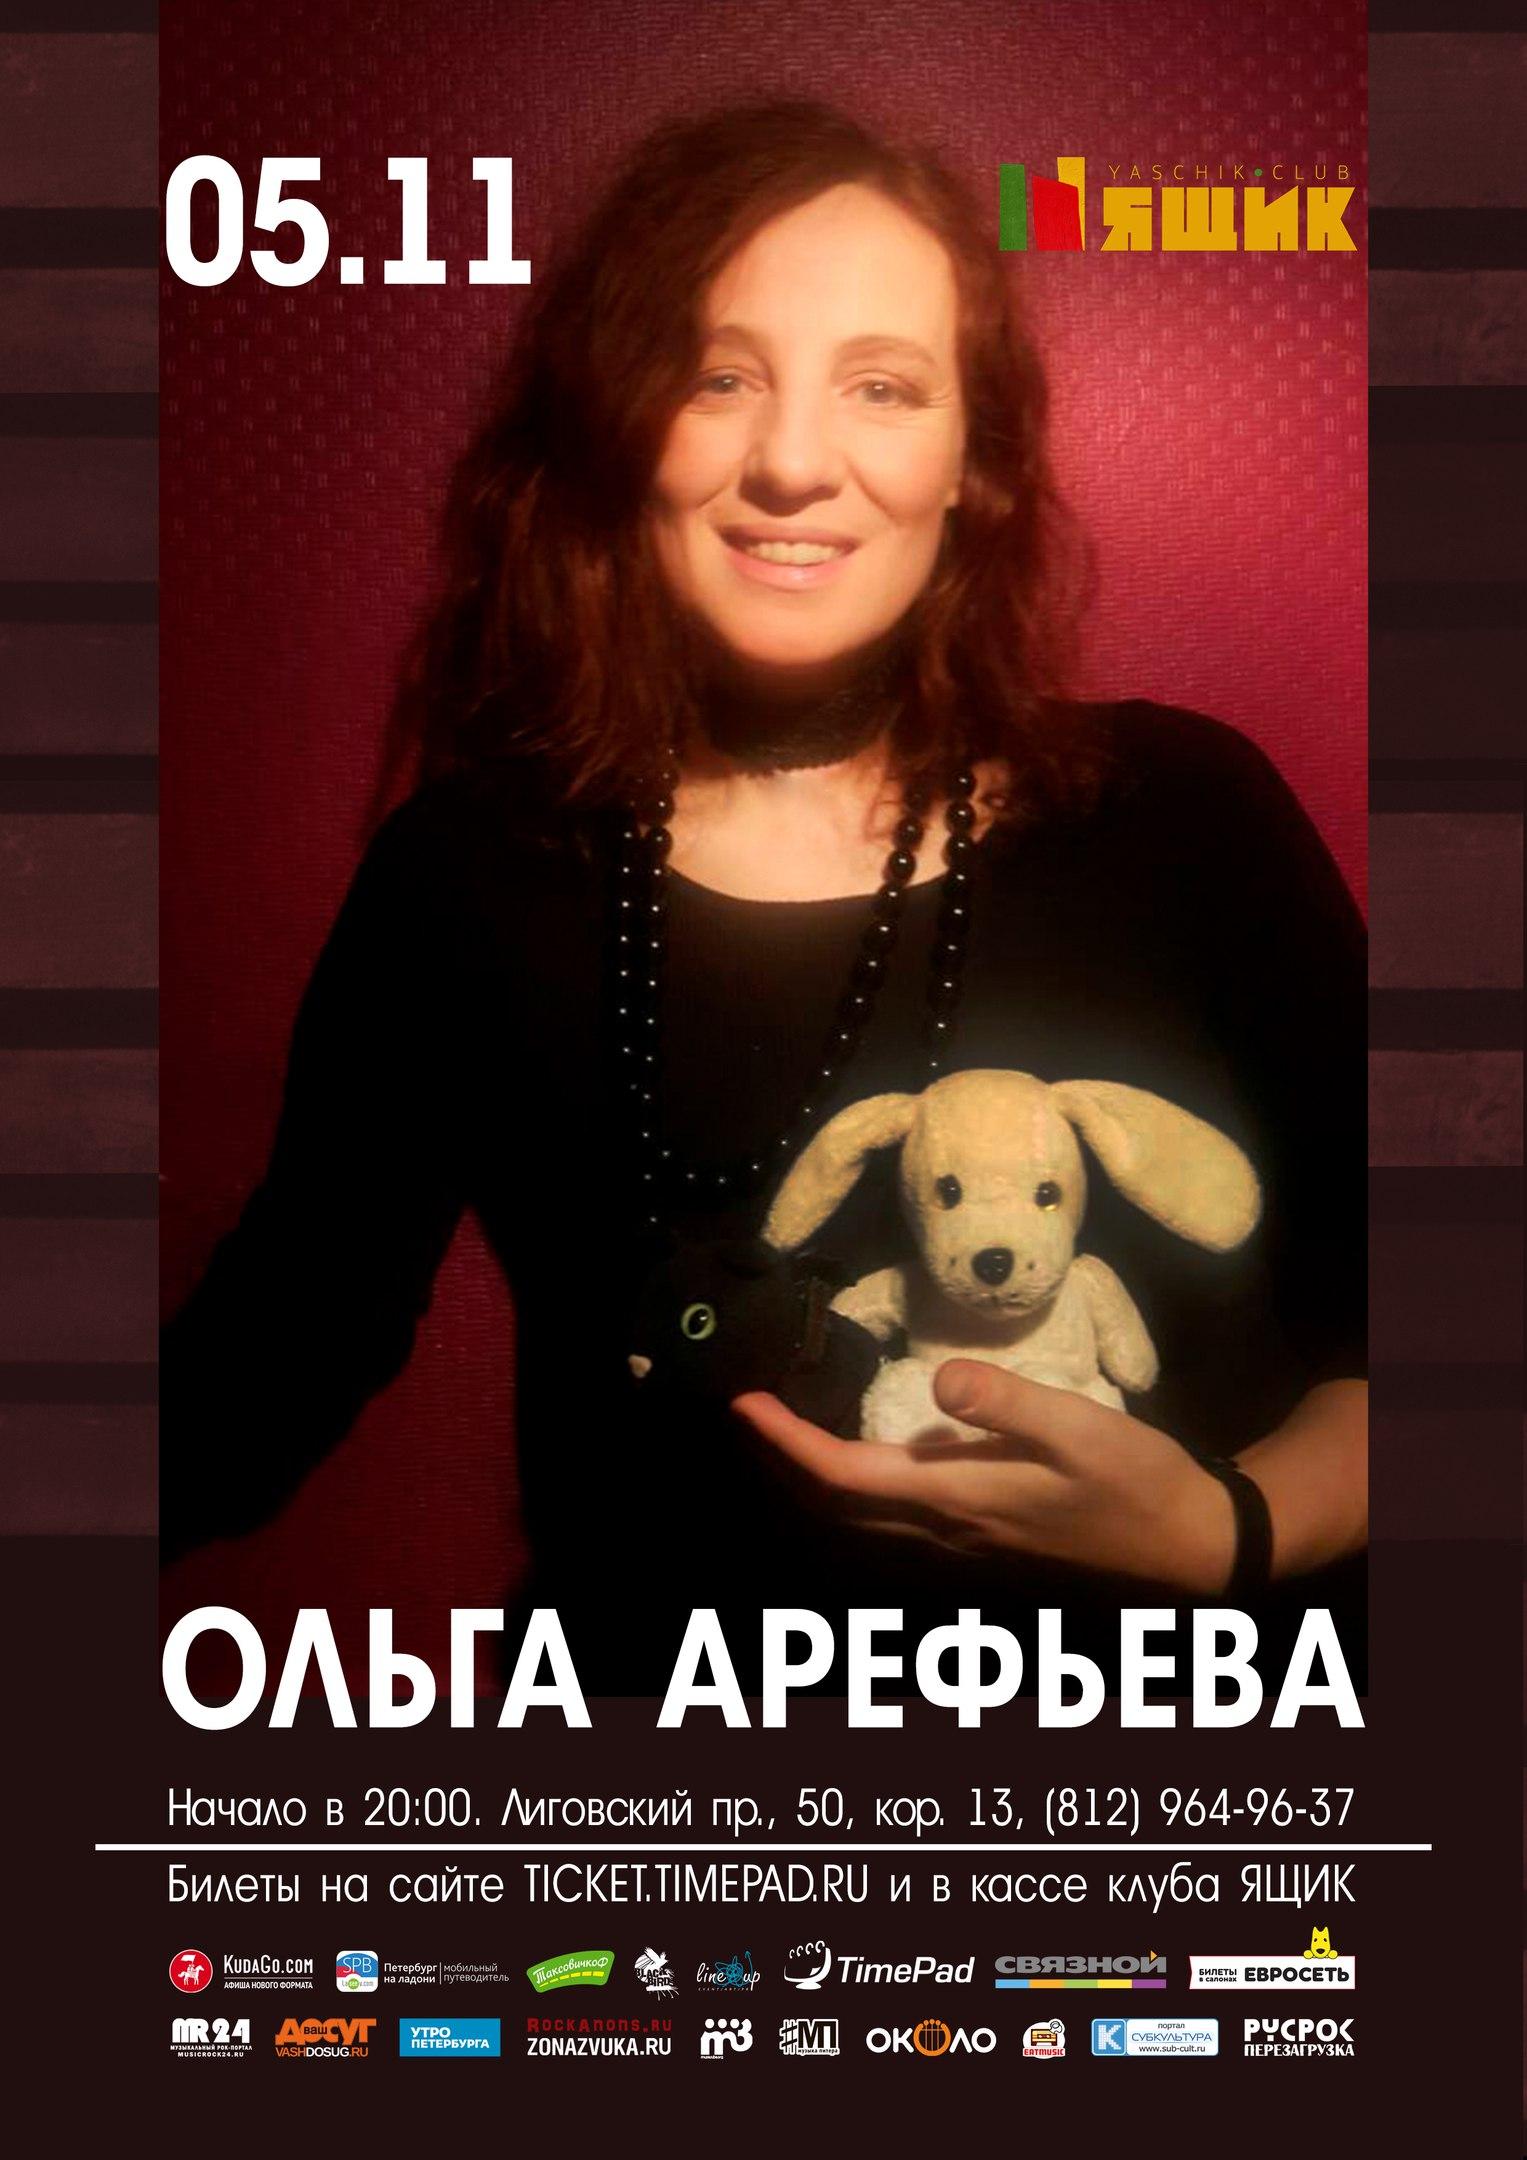 Сольный концерт Ольги Арефьевой в  клубе «Ящик», СПб